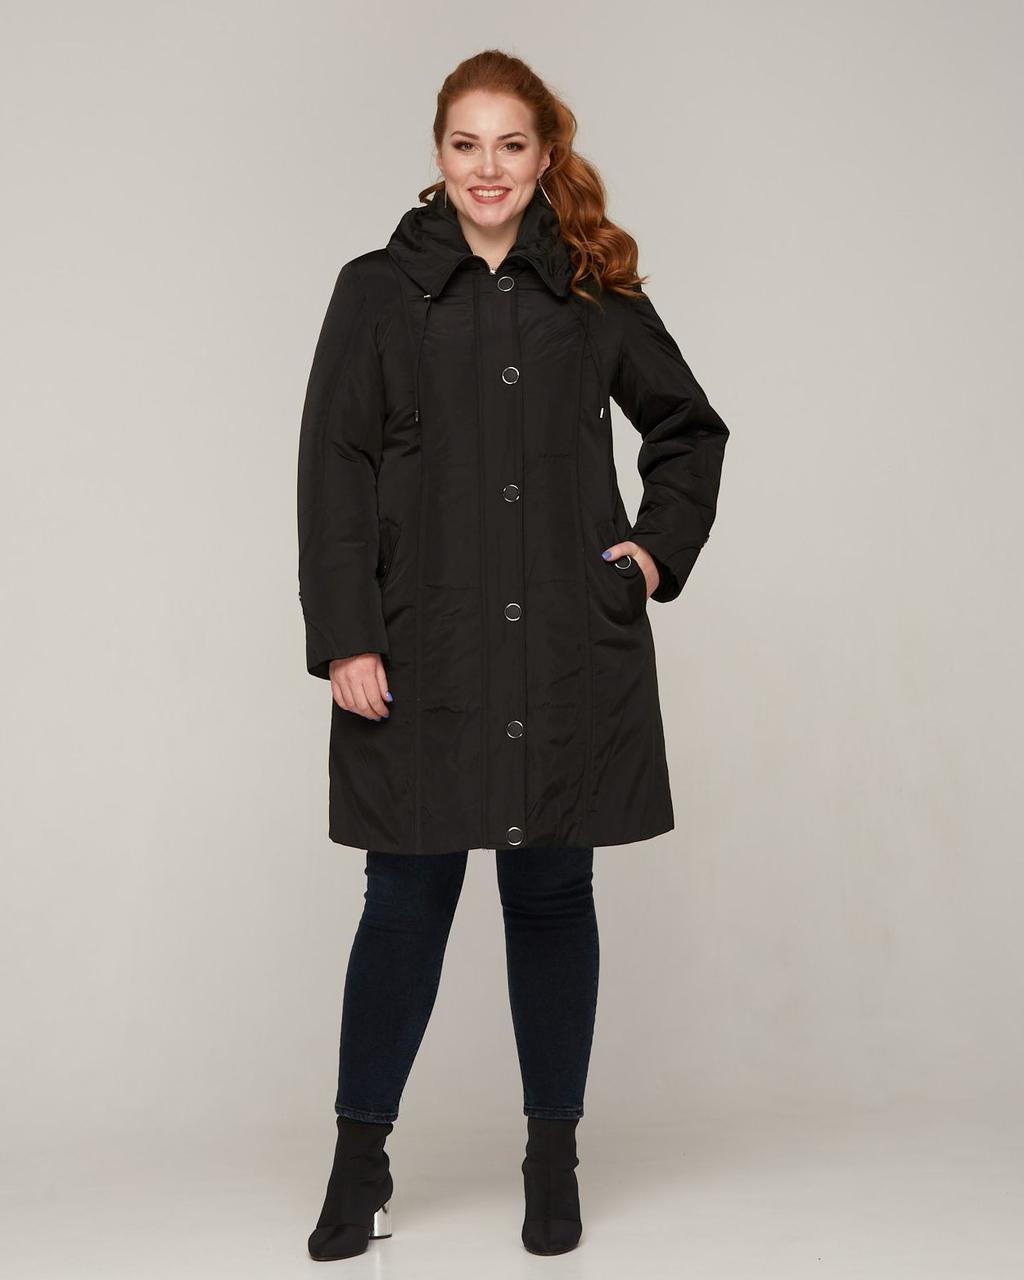 Якісна зимова куртка з підстібкою плюс сайз